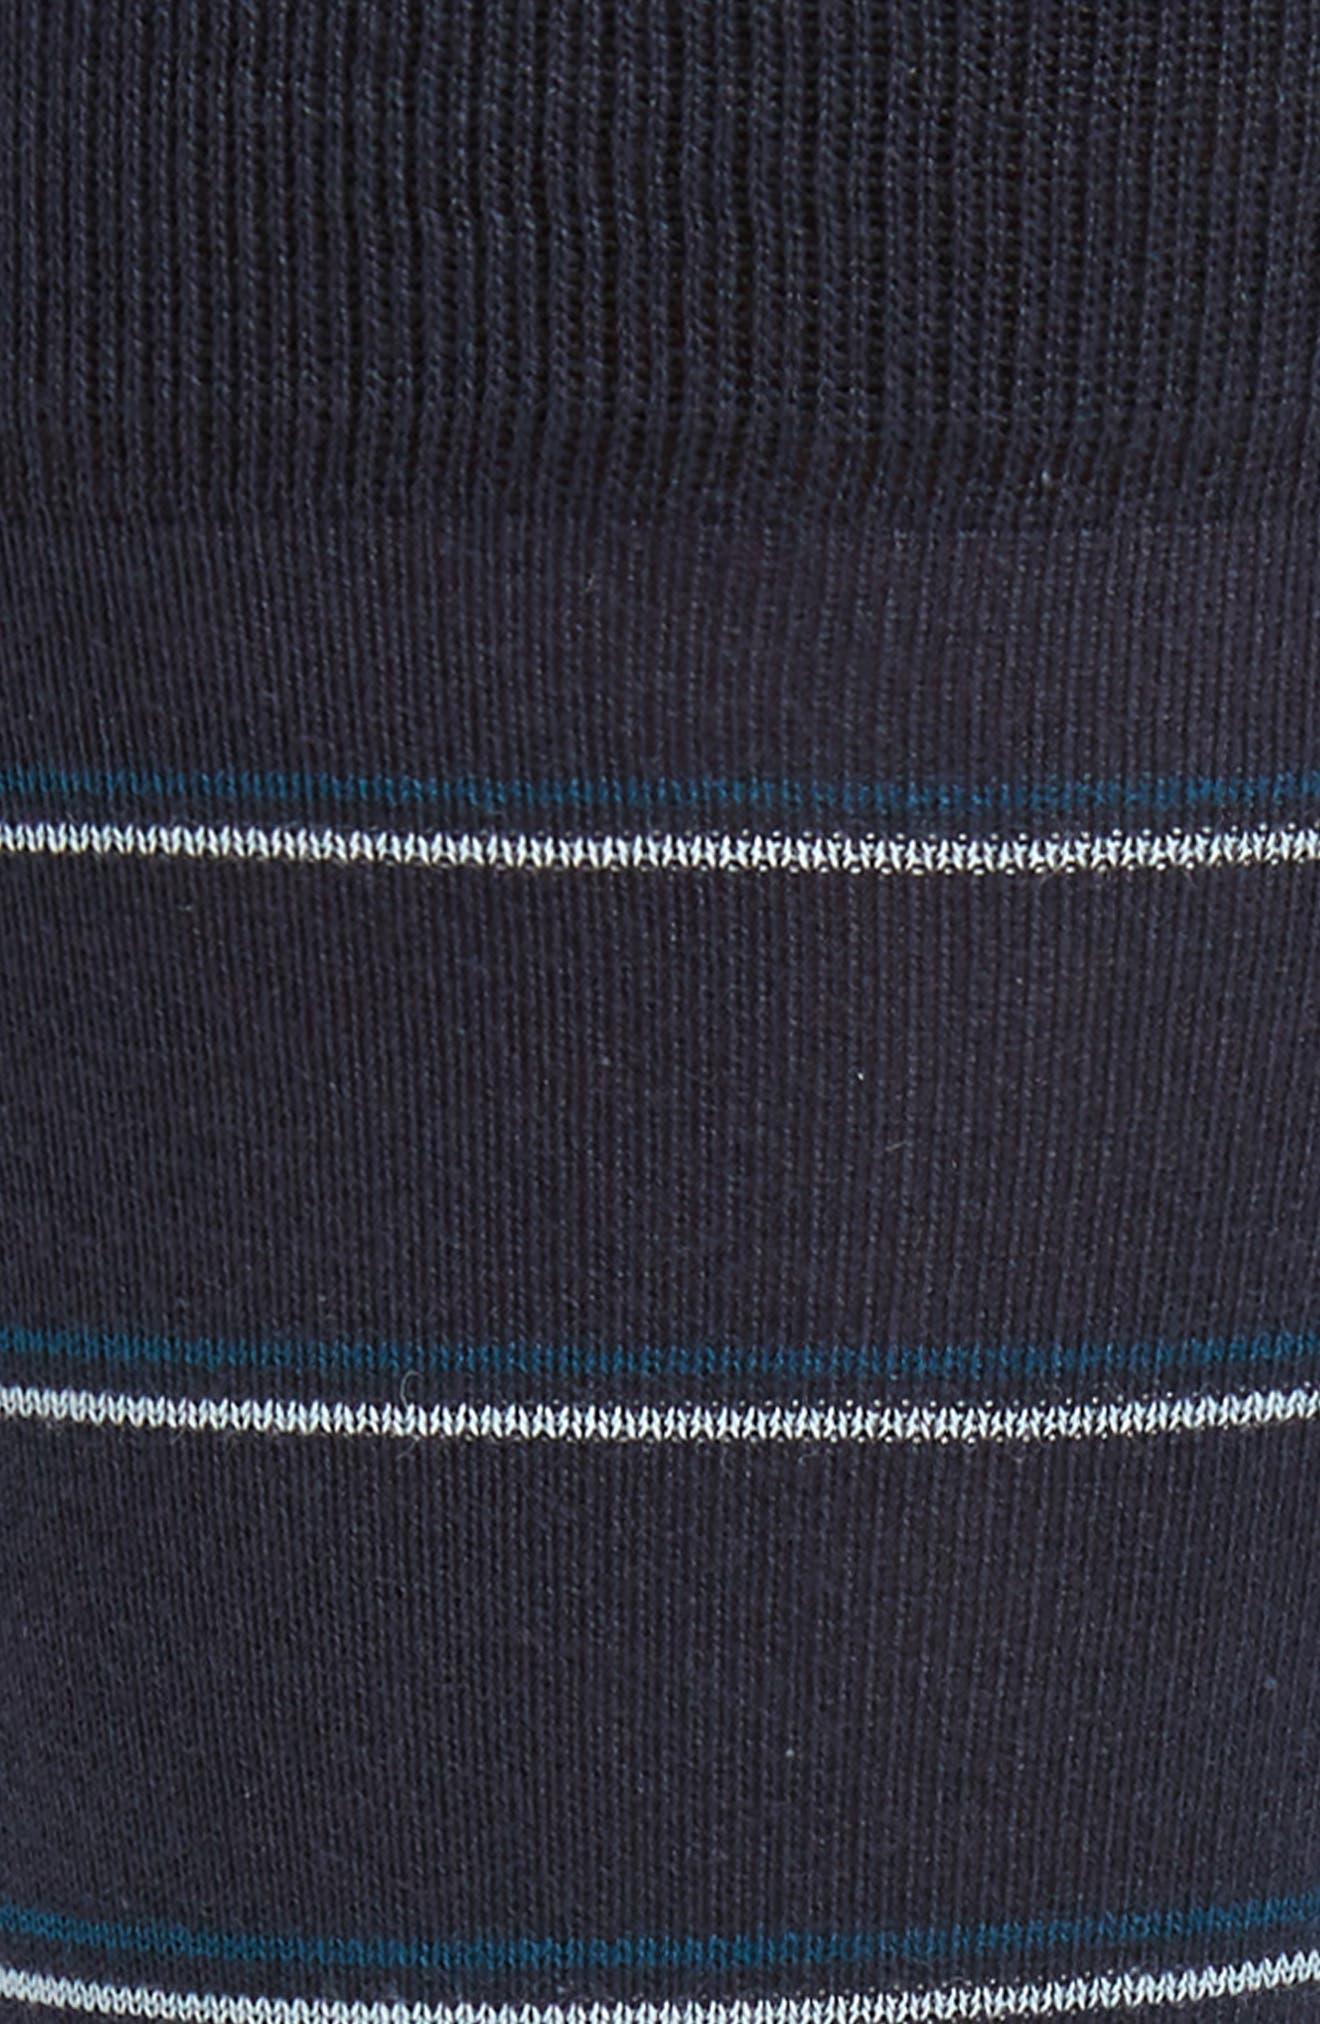 Stripe Socks,                             Alternate thumbnail 2, color,                             NAVY HEATHER/ WHITE